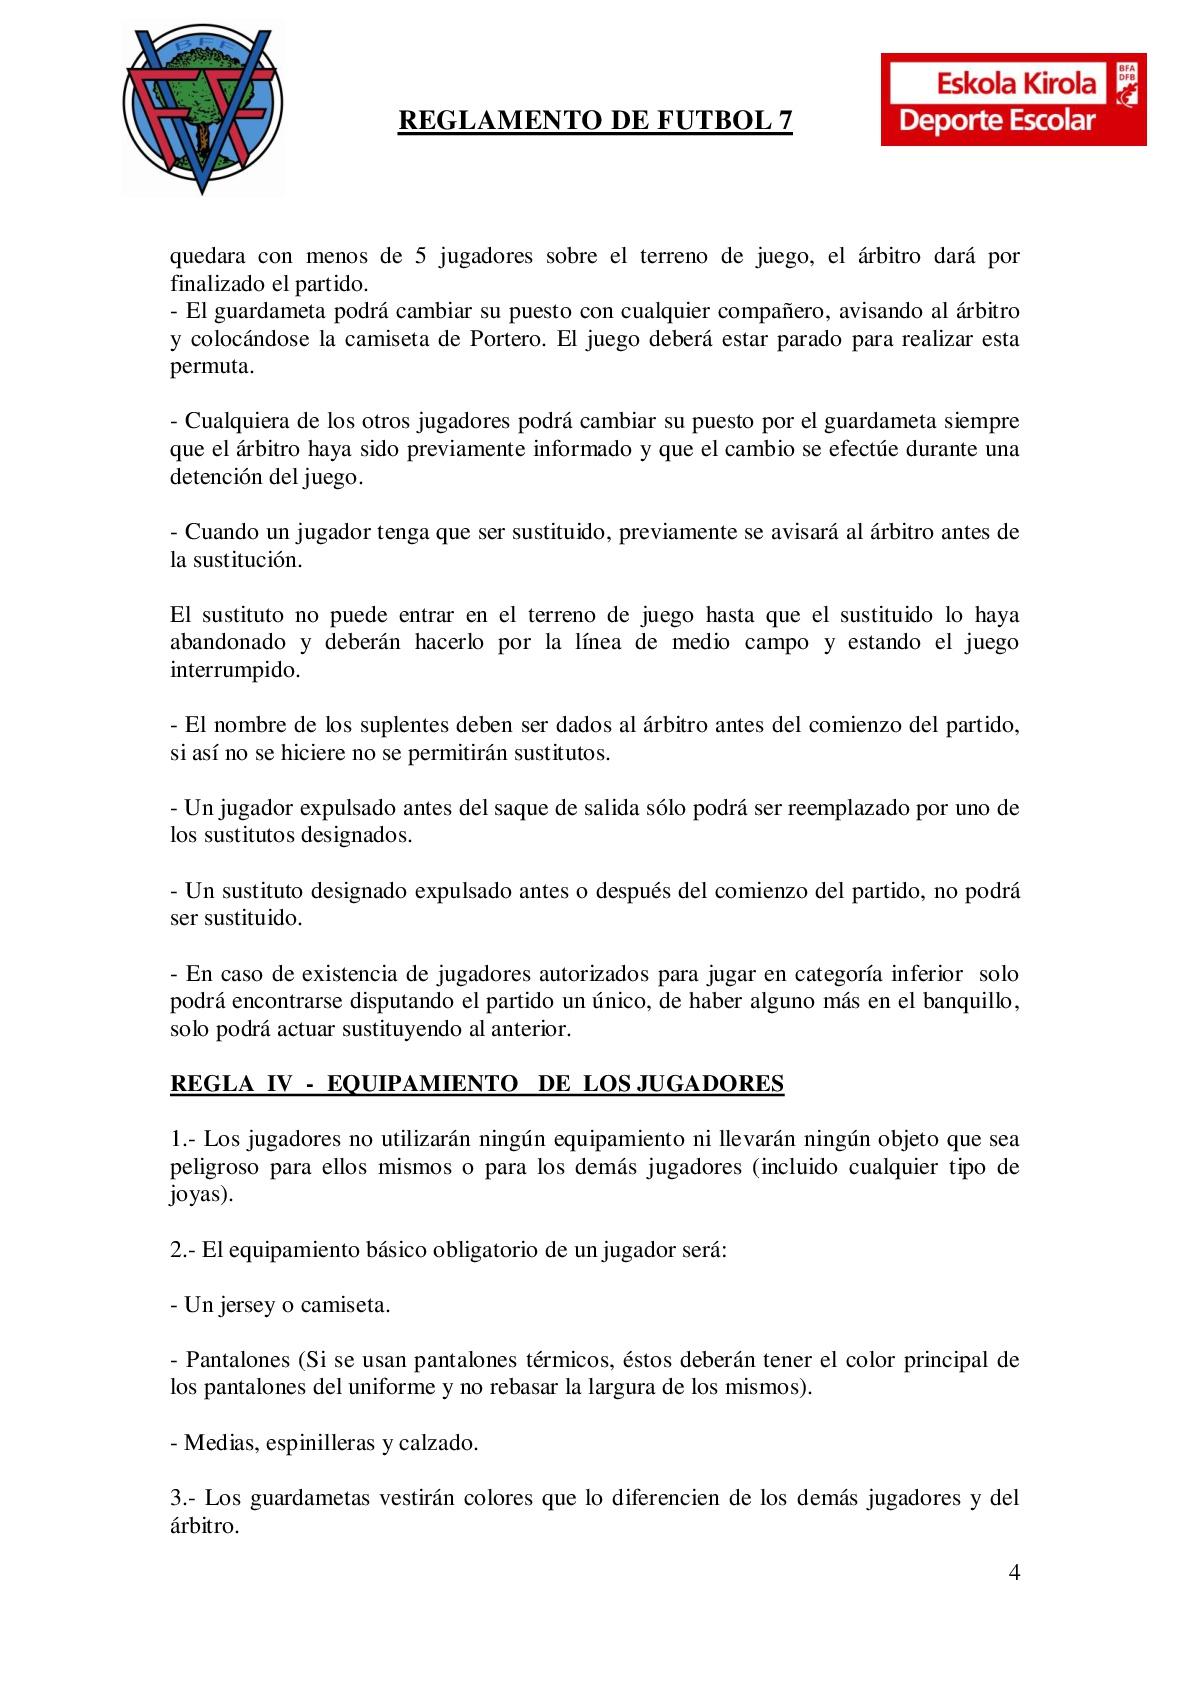 Reglamento-F7-004